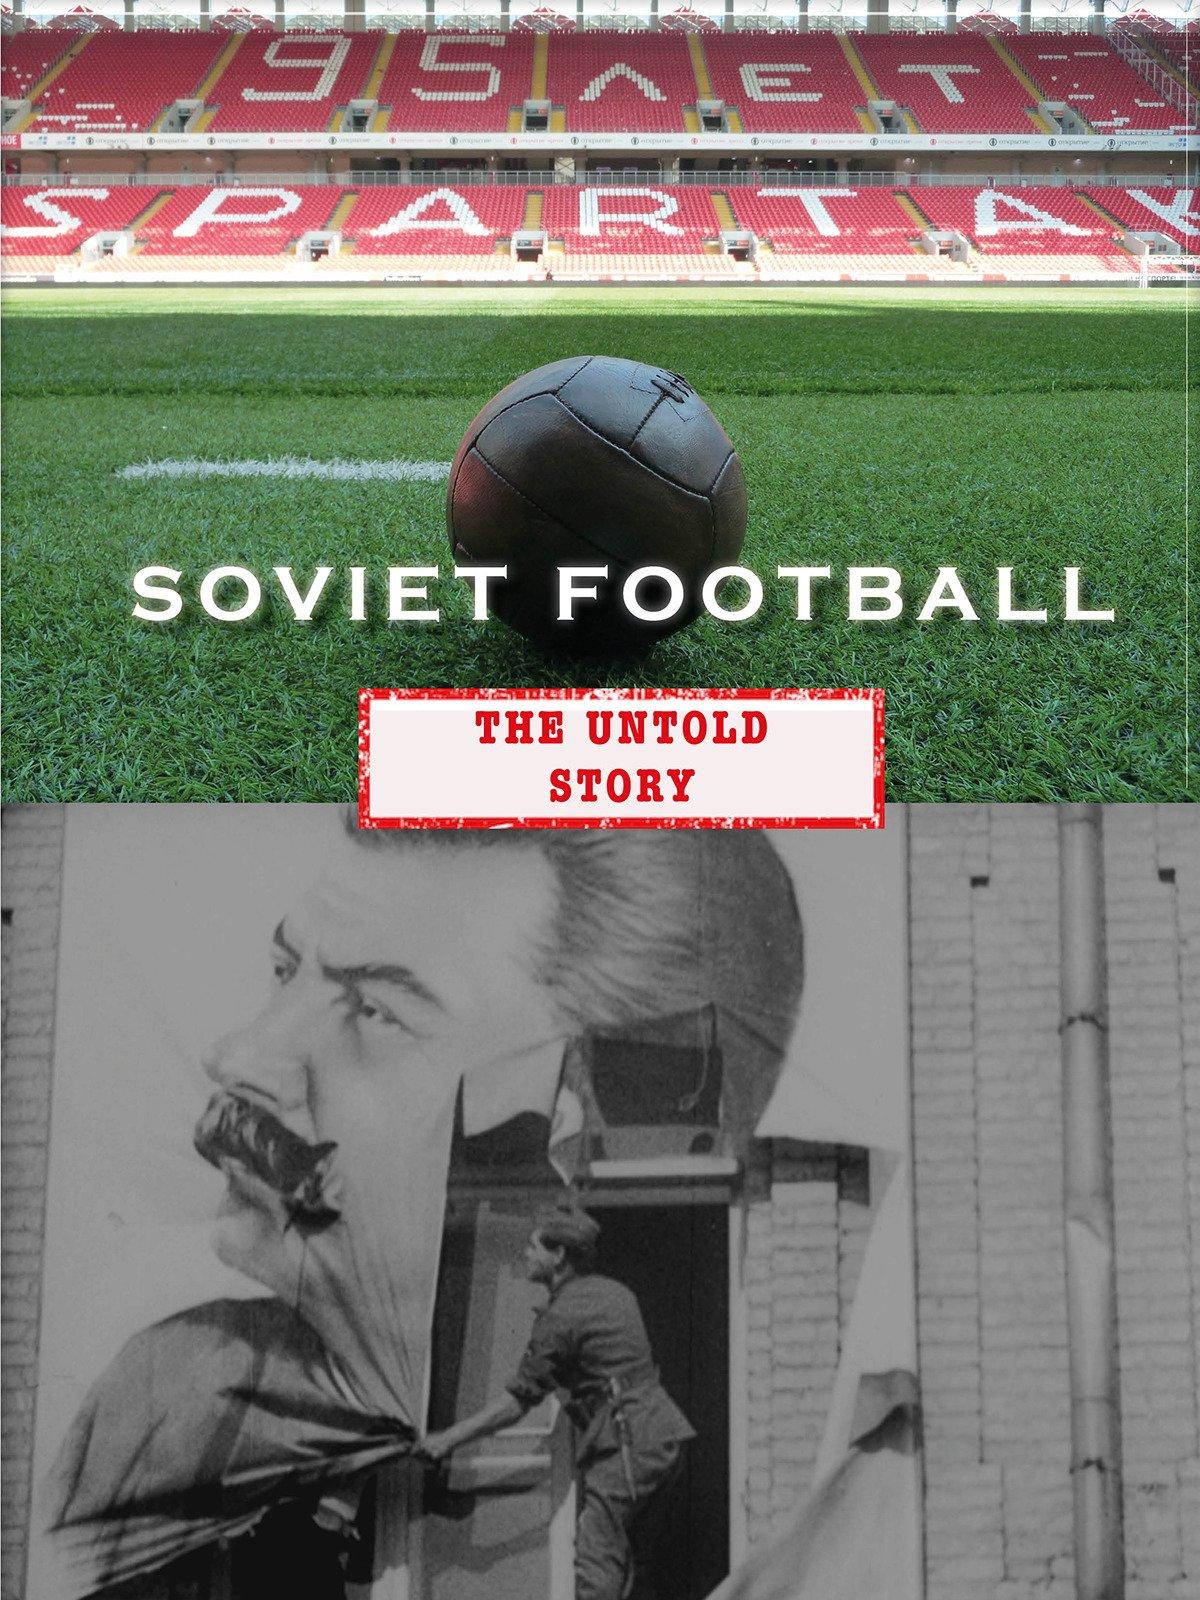 Soviet Football: The Untold Story on Amazon Prime Video UK